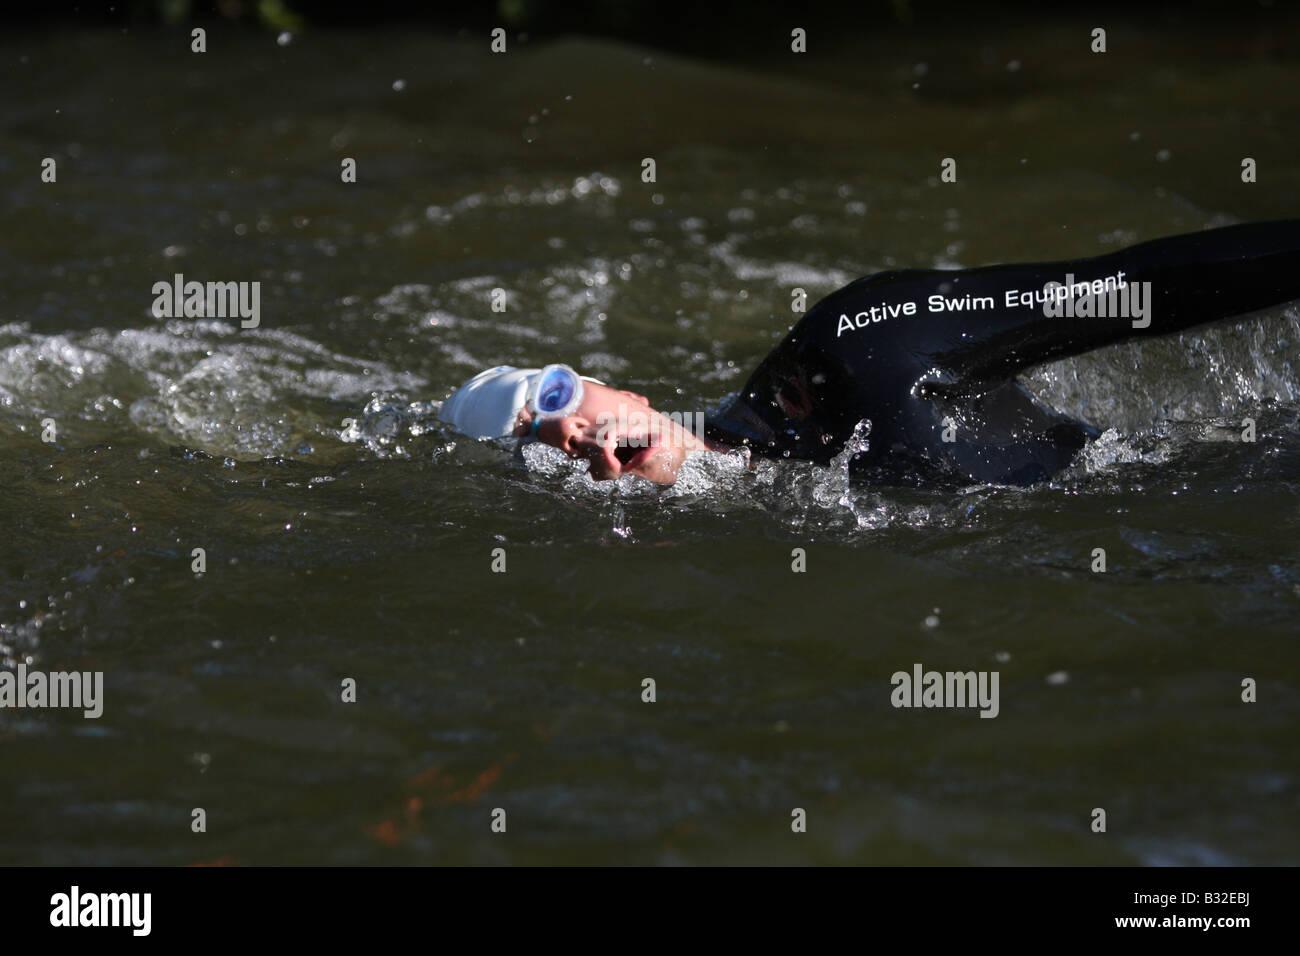 triathlete swimmer - Stock Image